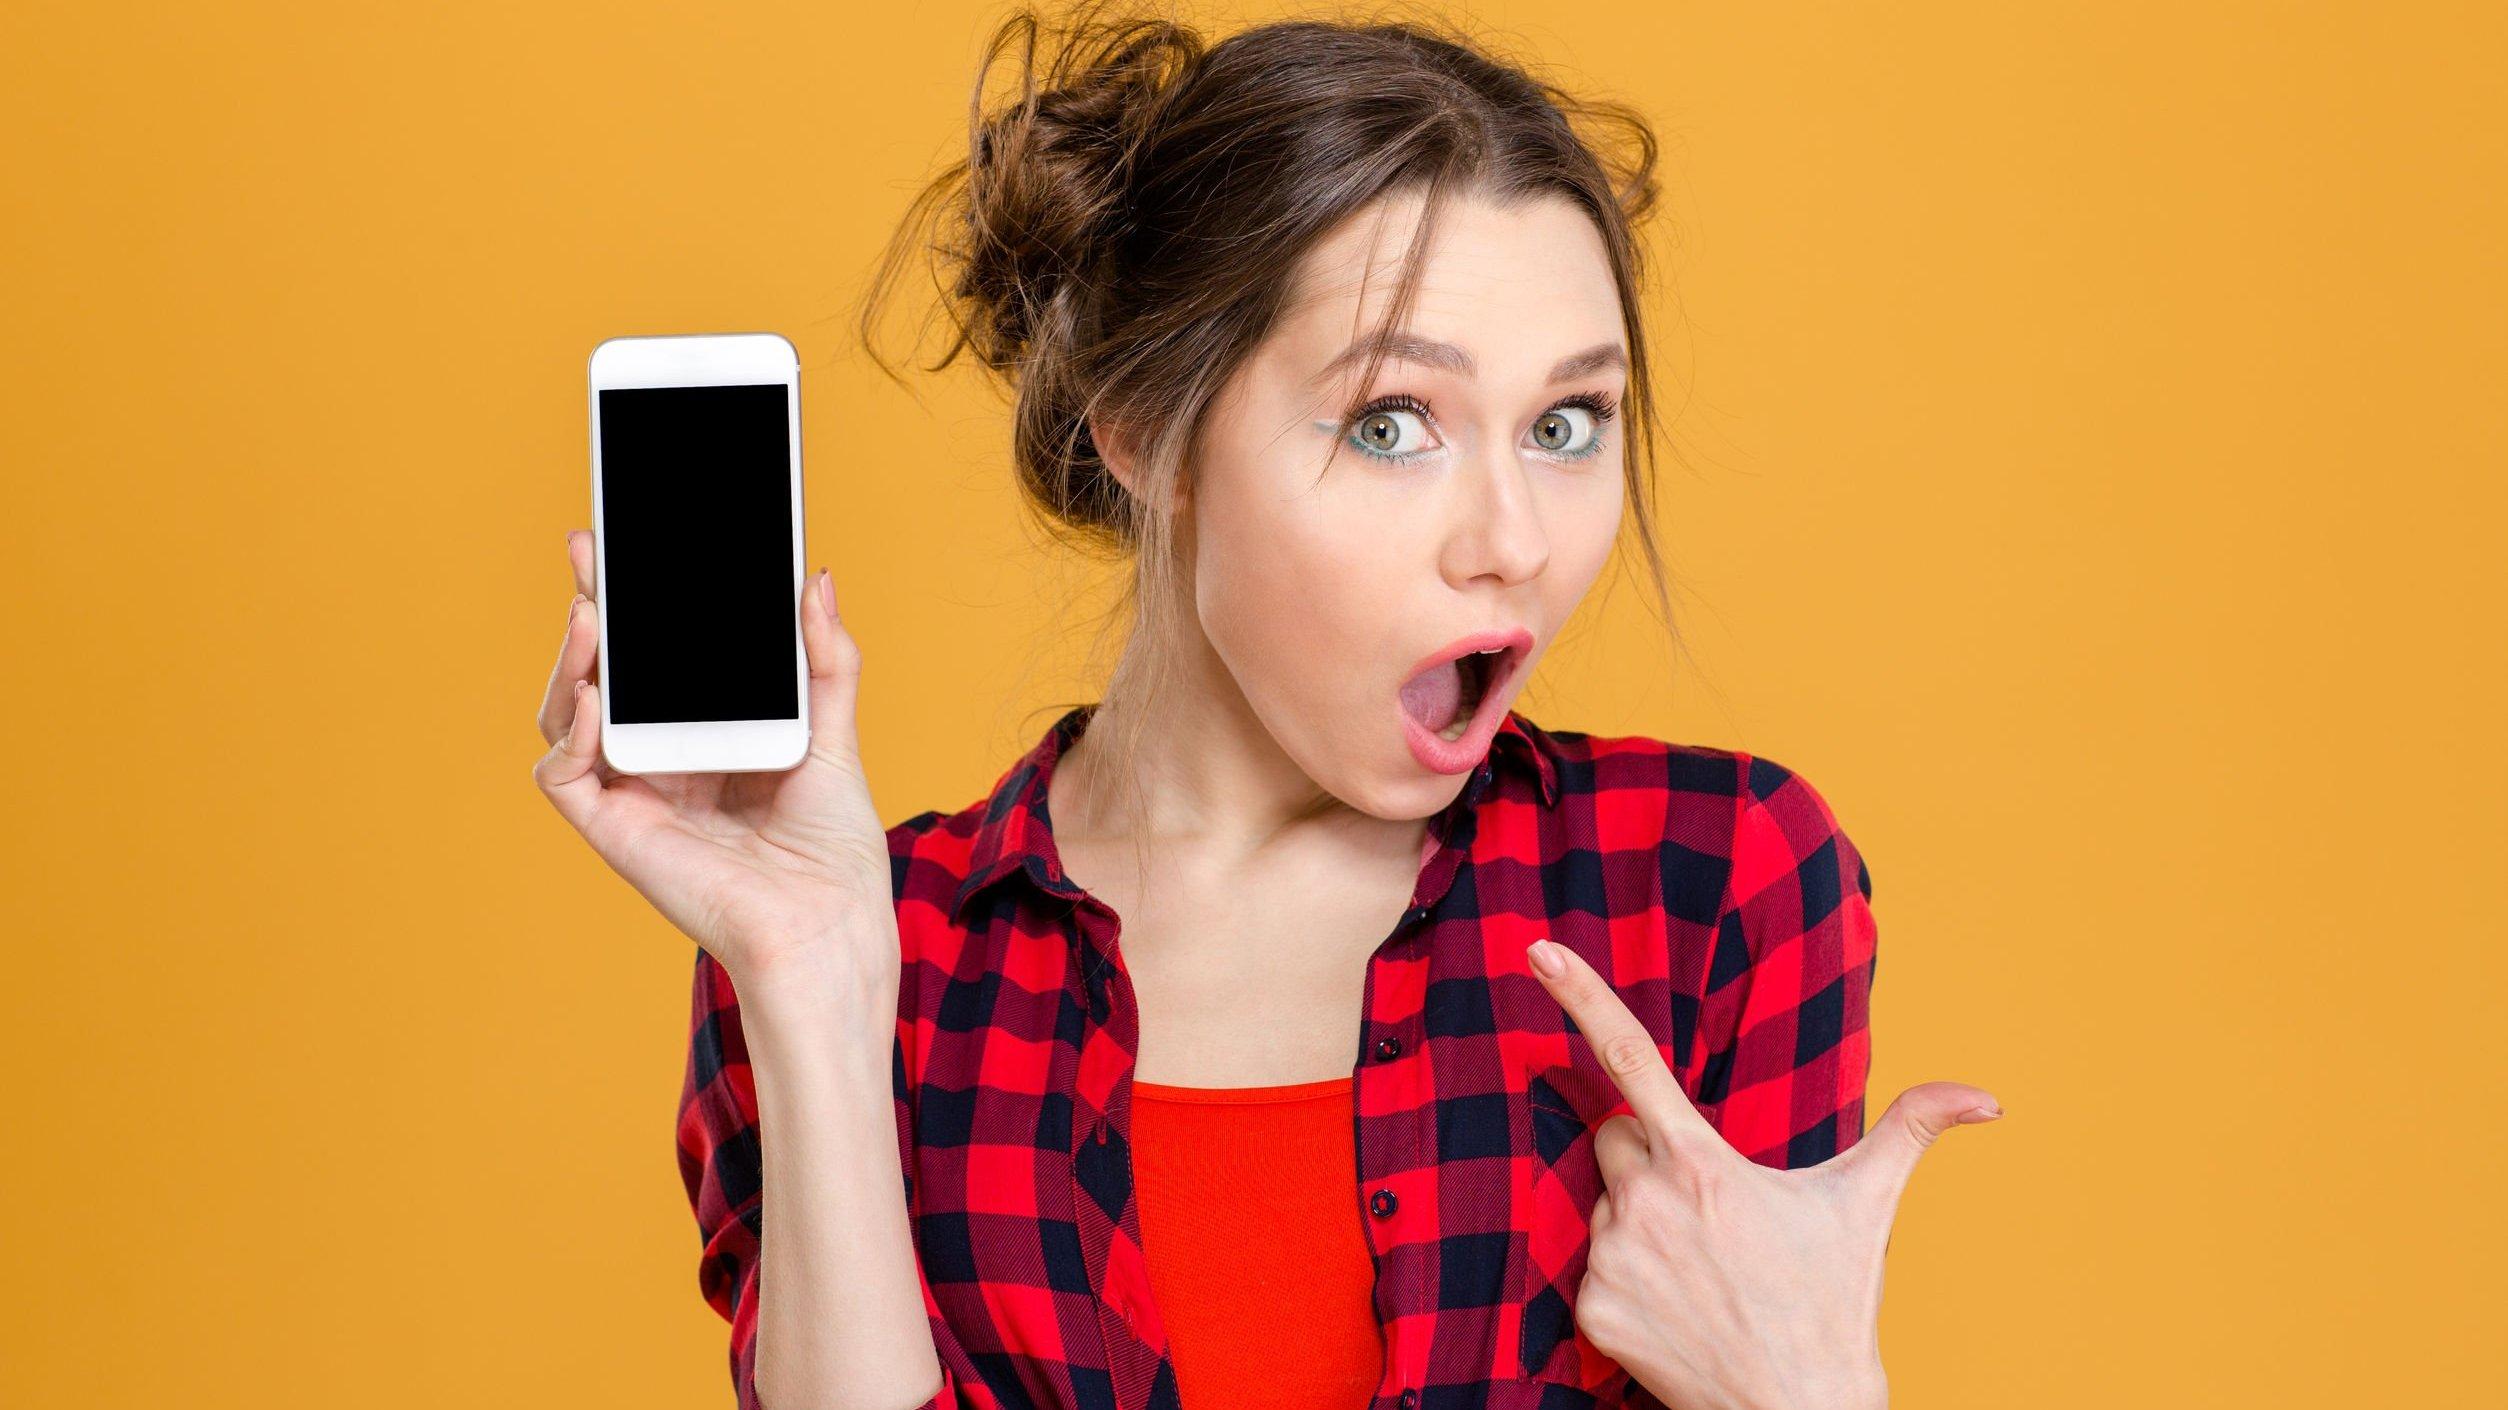 Menina mostrando tela preta de seu celular